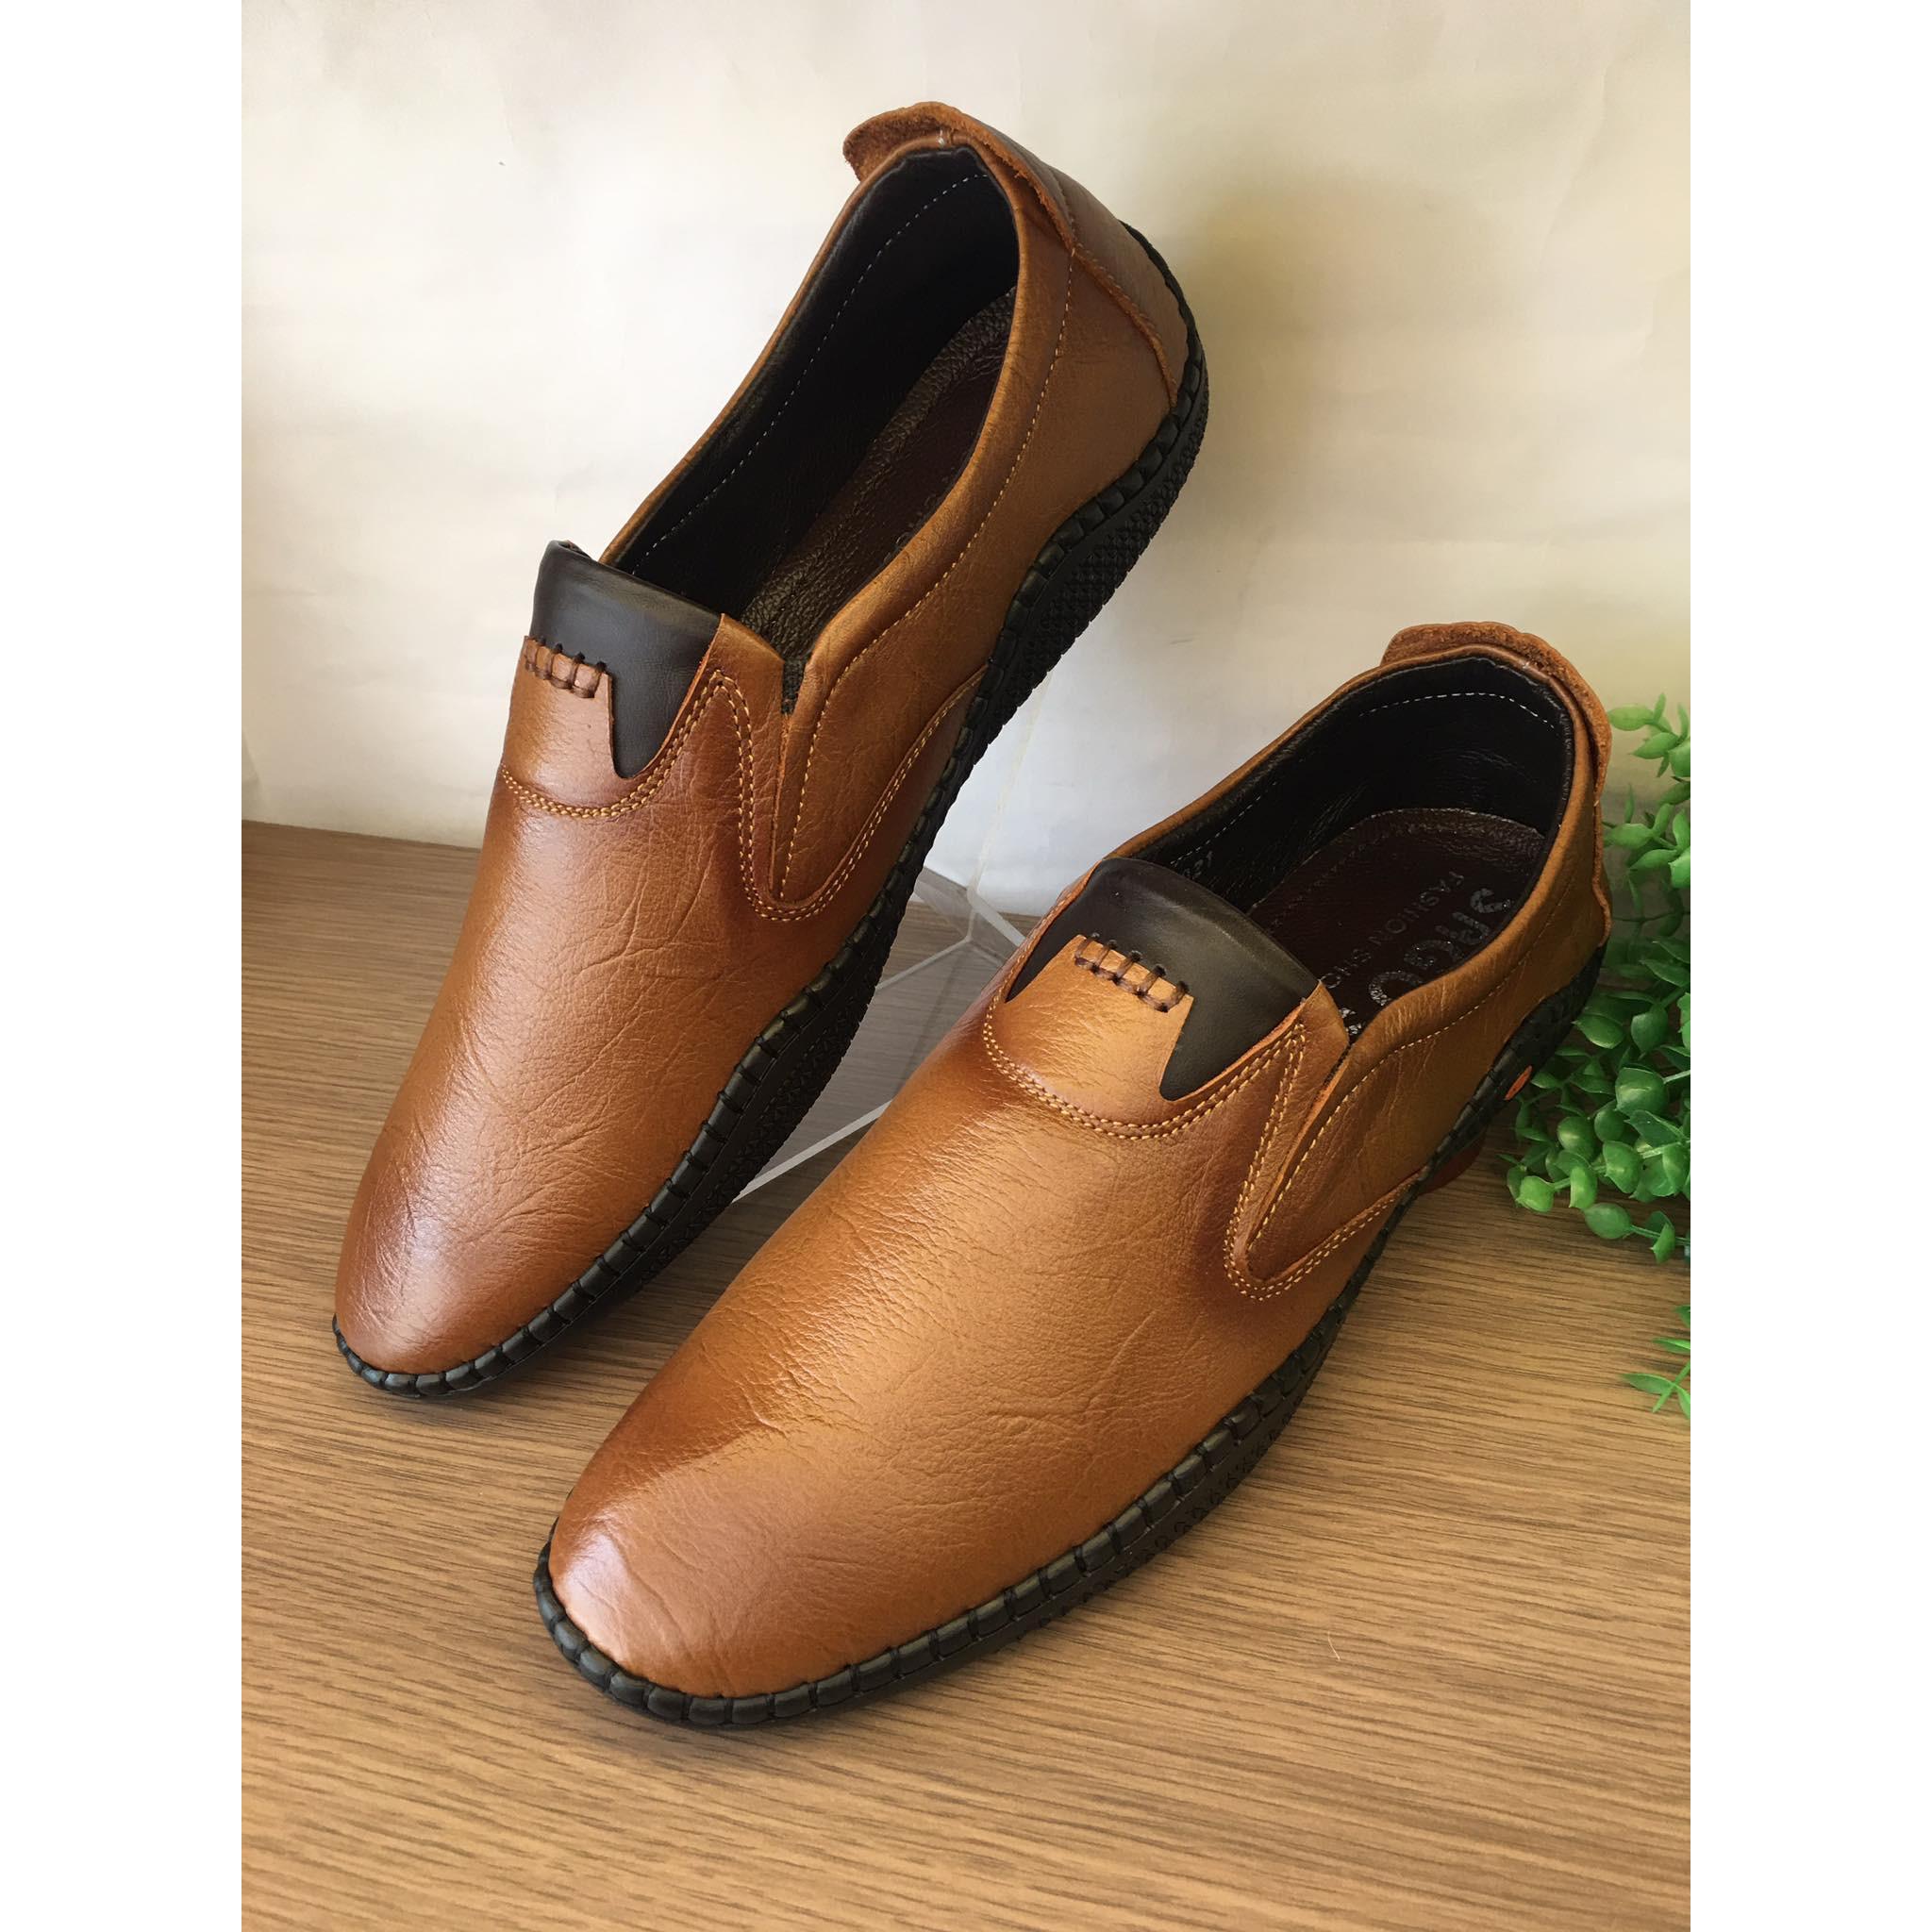 Giày mọi giày lười da bò mềm màu nâu-M180